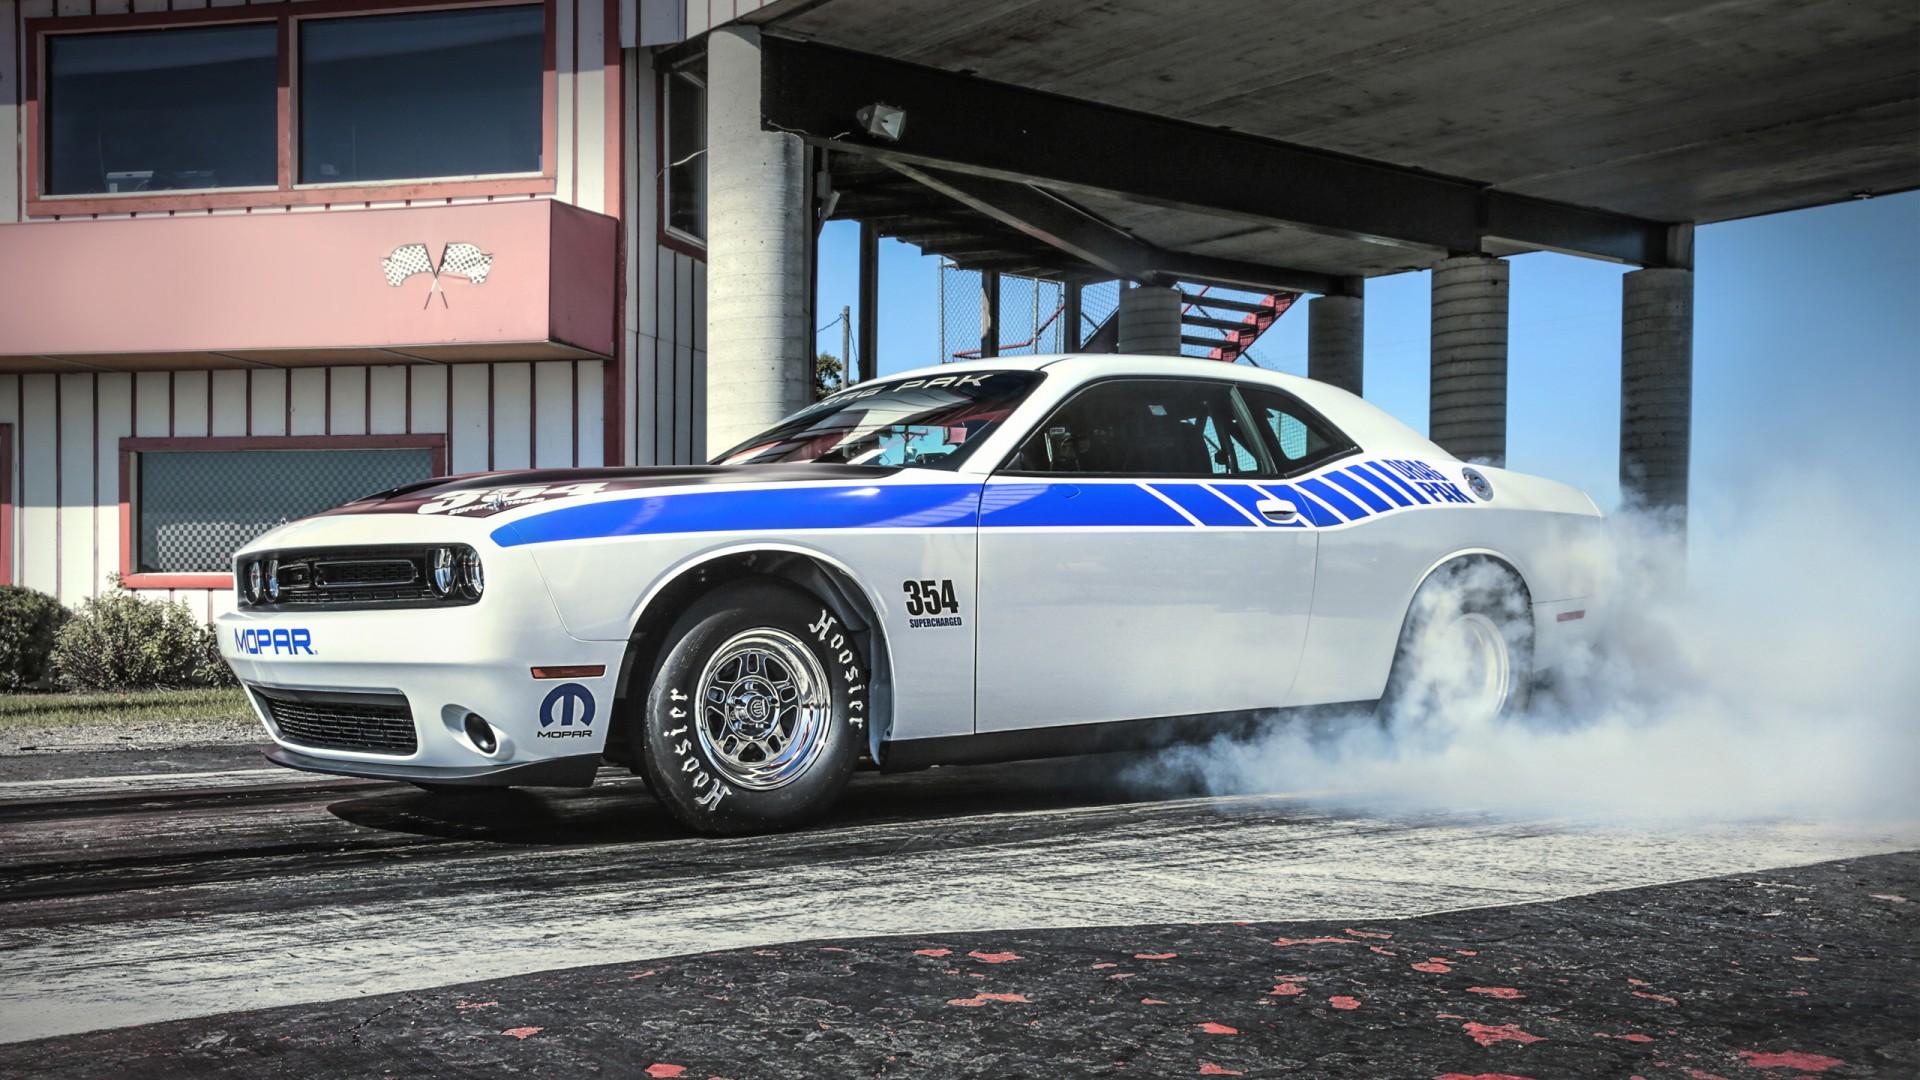 2015 Mopar Dodge Challenger Wallpaper | HD Car Wallpapers ...